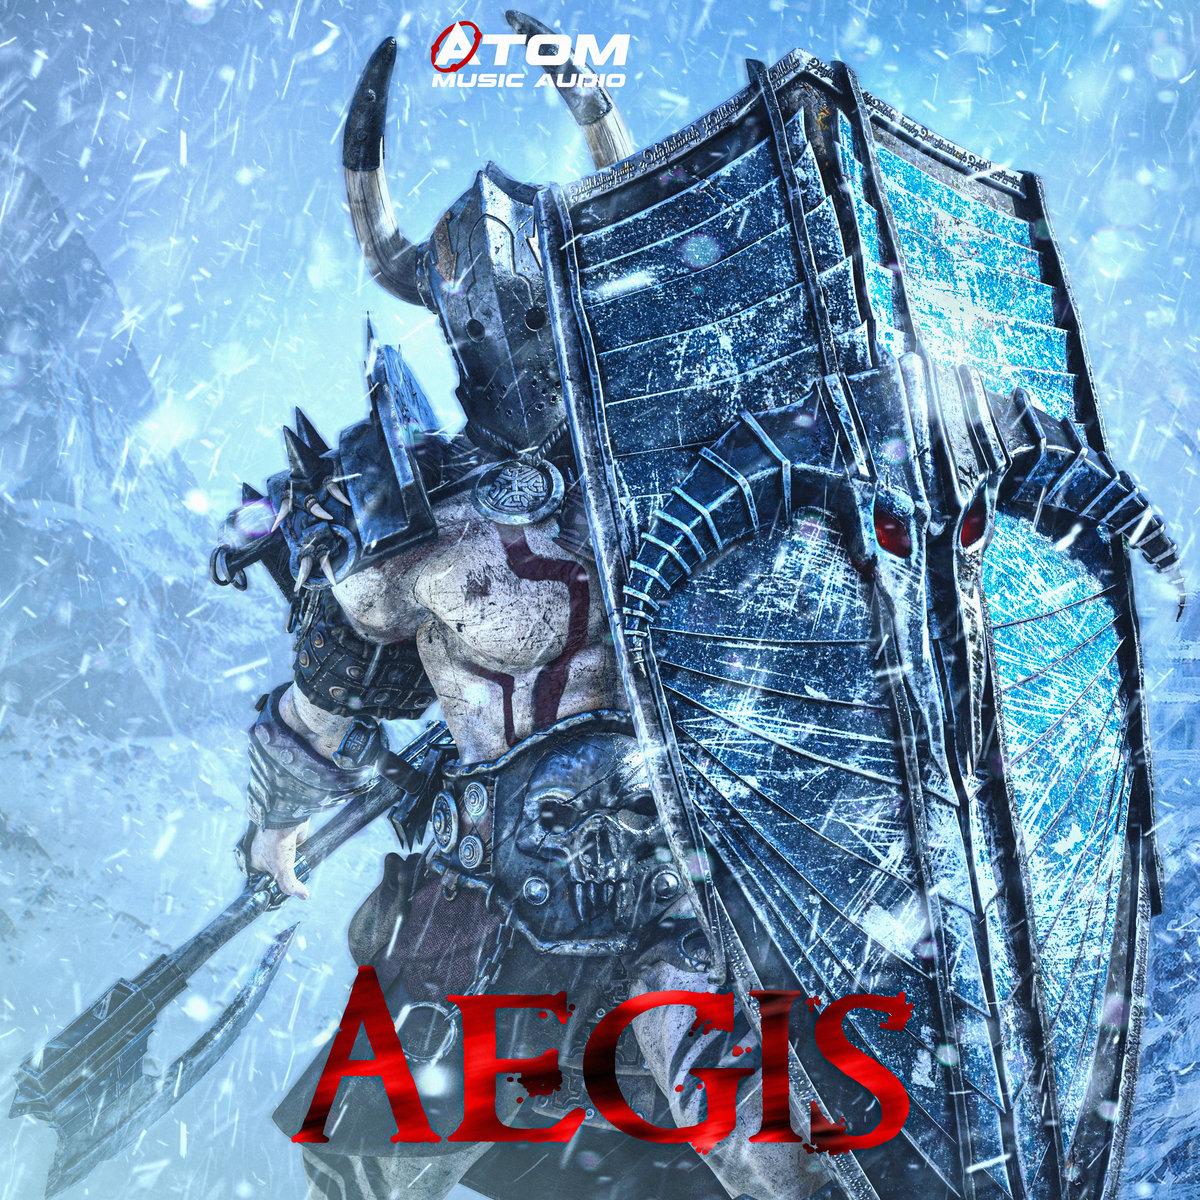 دانلود آلبوم موسیقی Aegis توسط Atom Music Audio